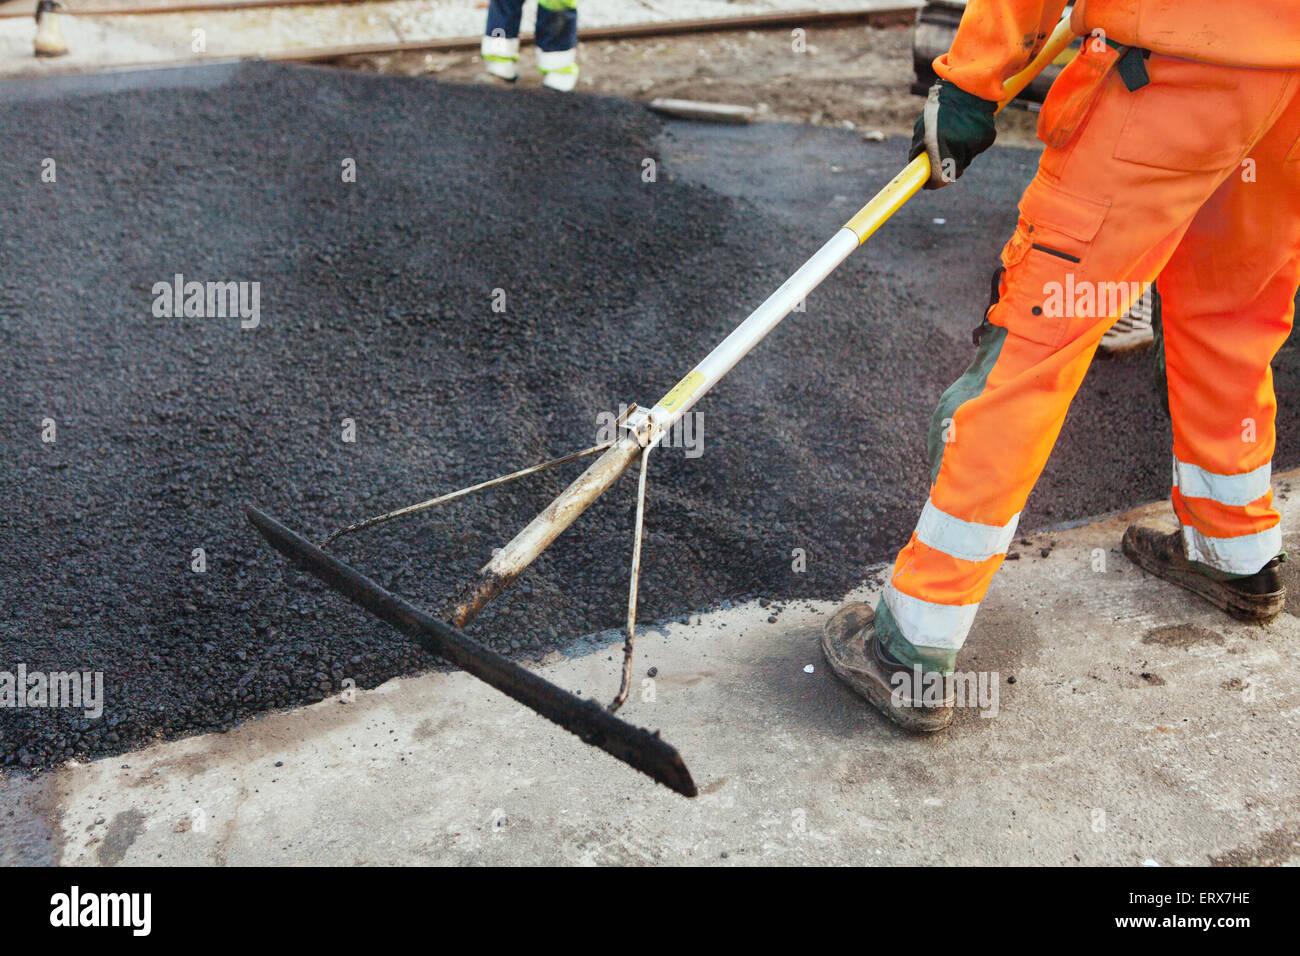 Sezione bassa del lavoratore manuale con rastrello diffusione di asfalto su strada Immagini Stock